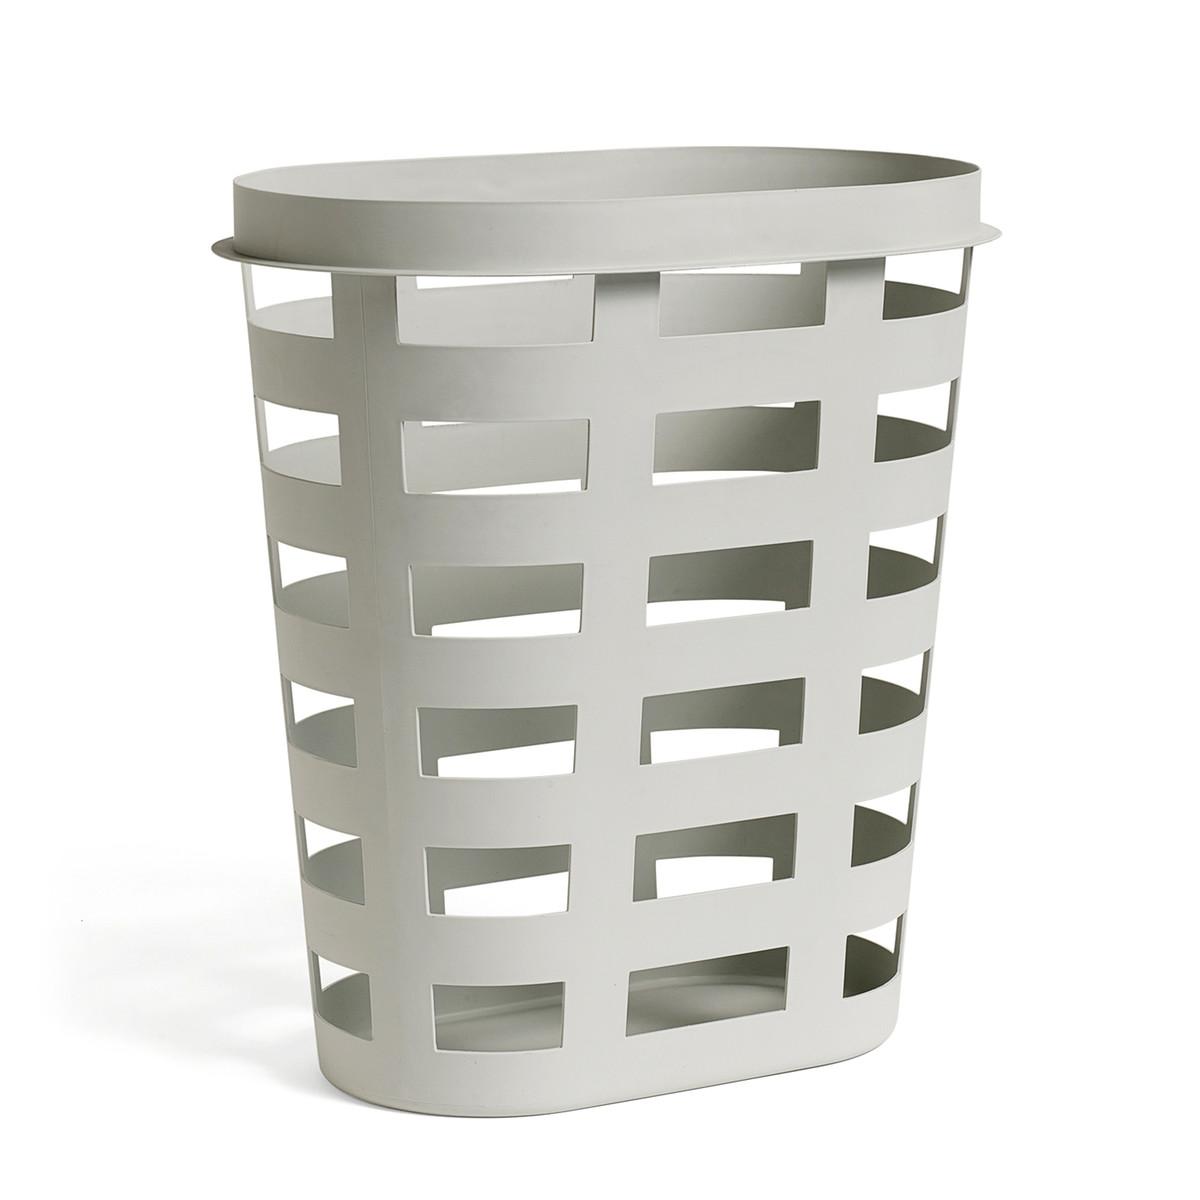 Designer Laundry Baskets Uk